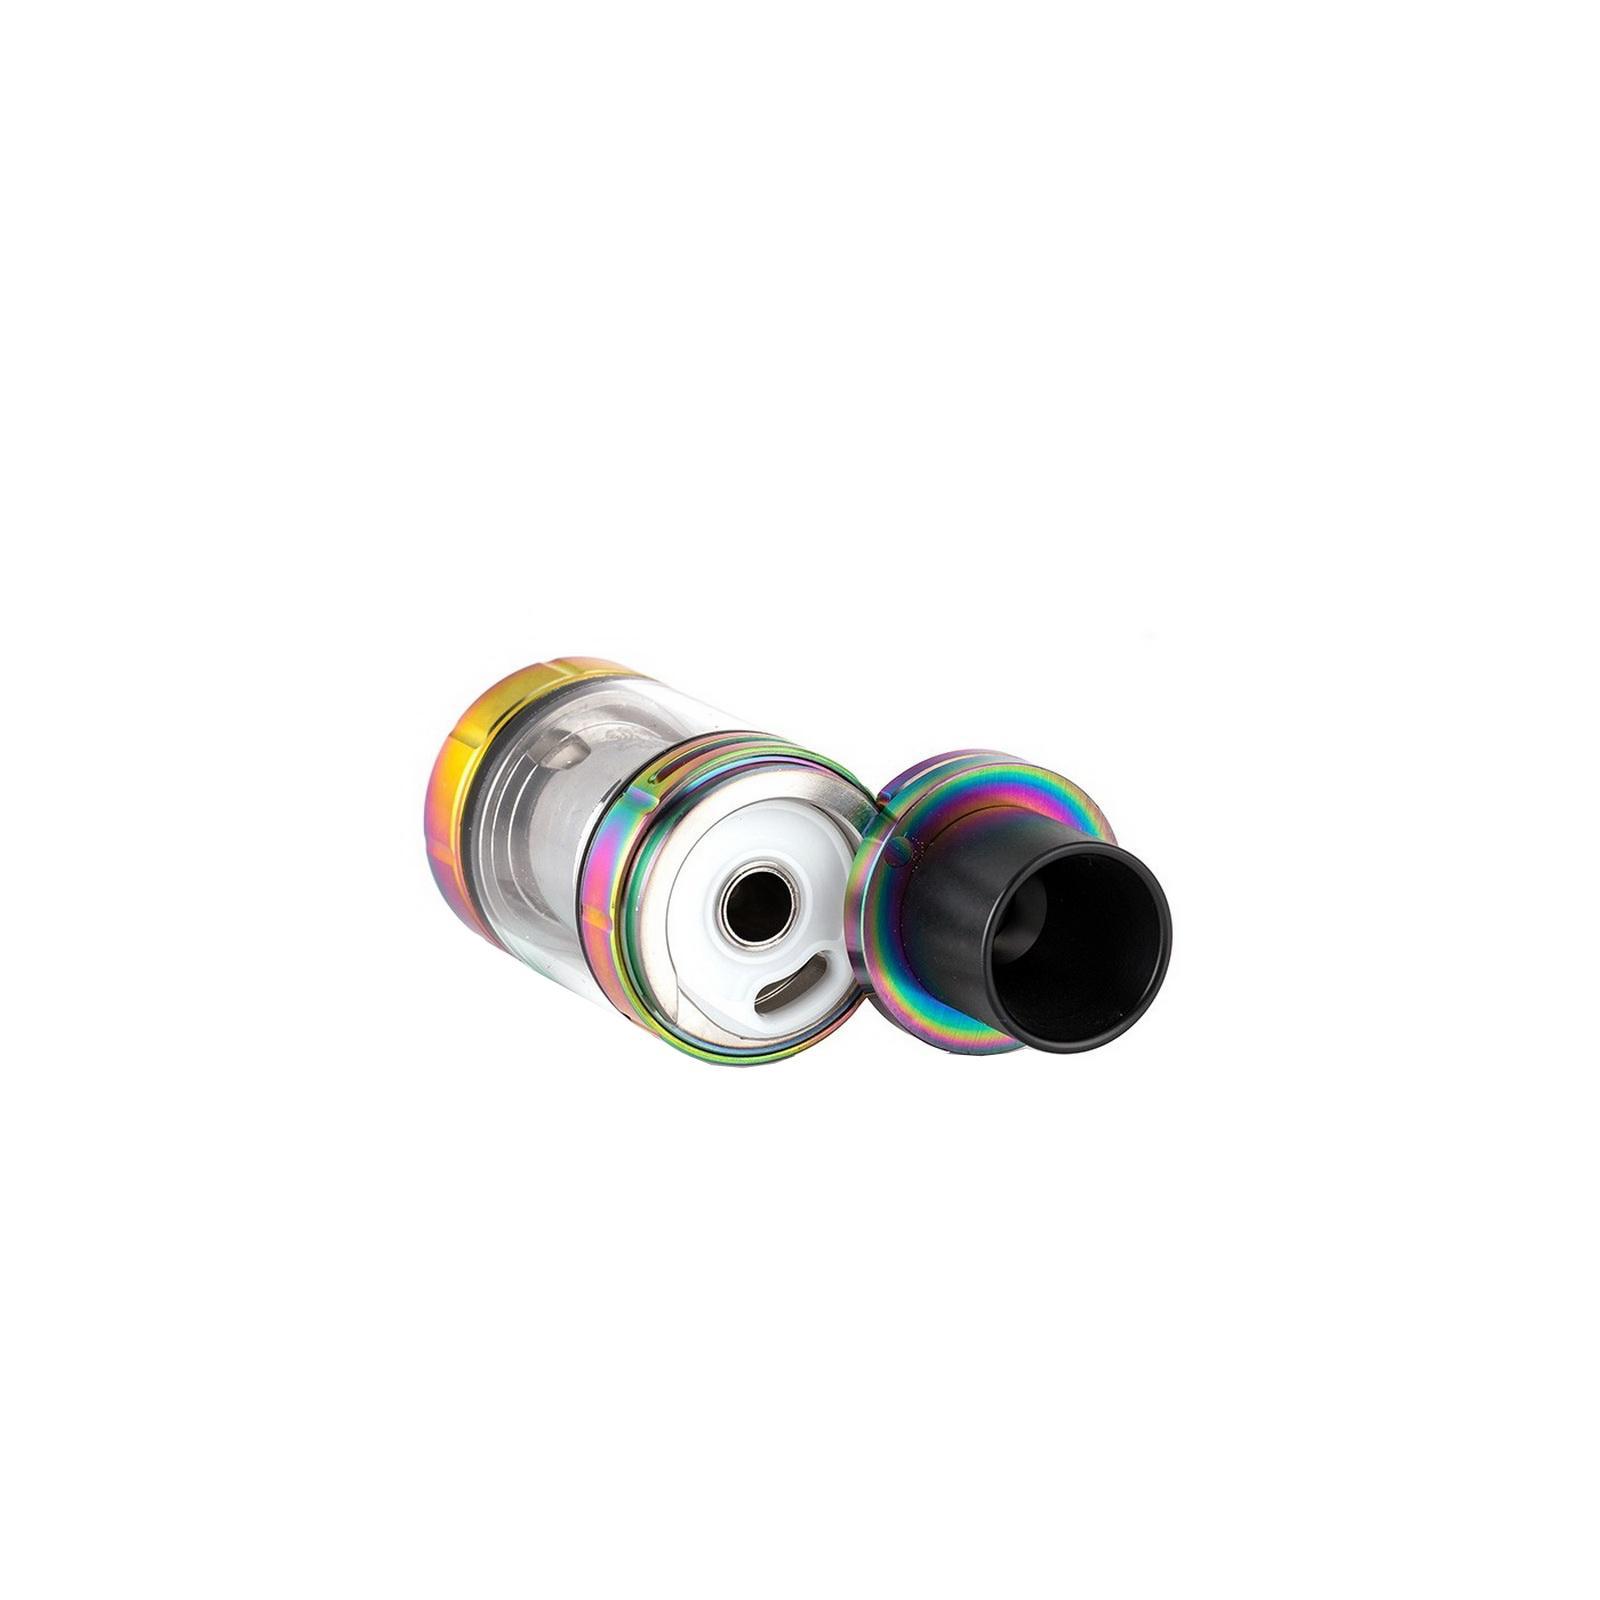 Стартовый набор Smok Stick X8 Rainbow (SMSX8KO) изображение 5